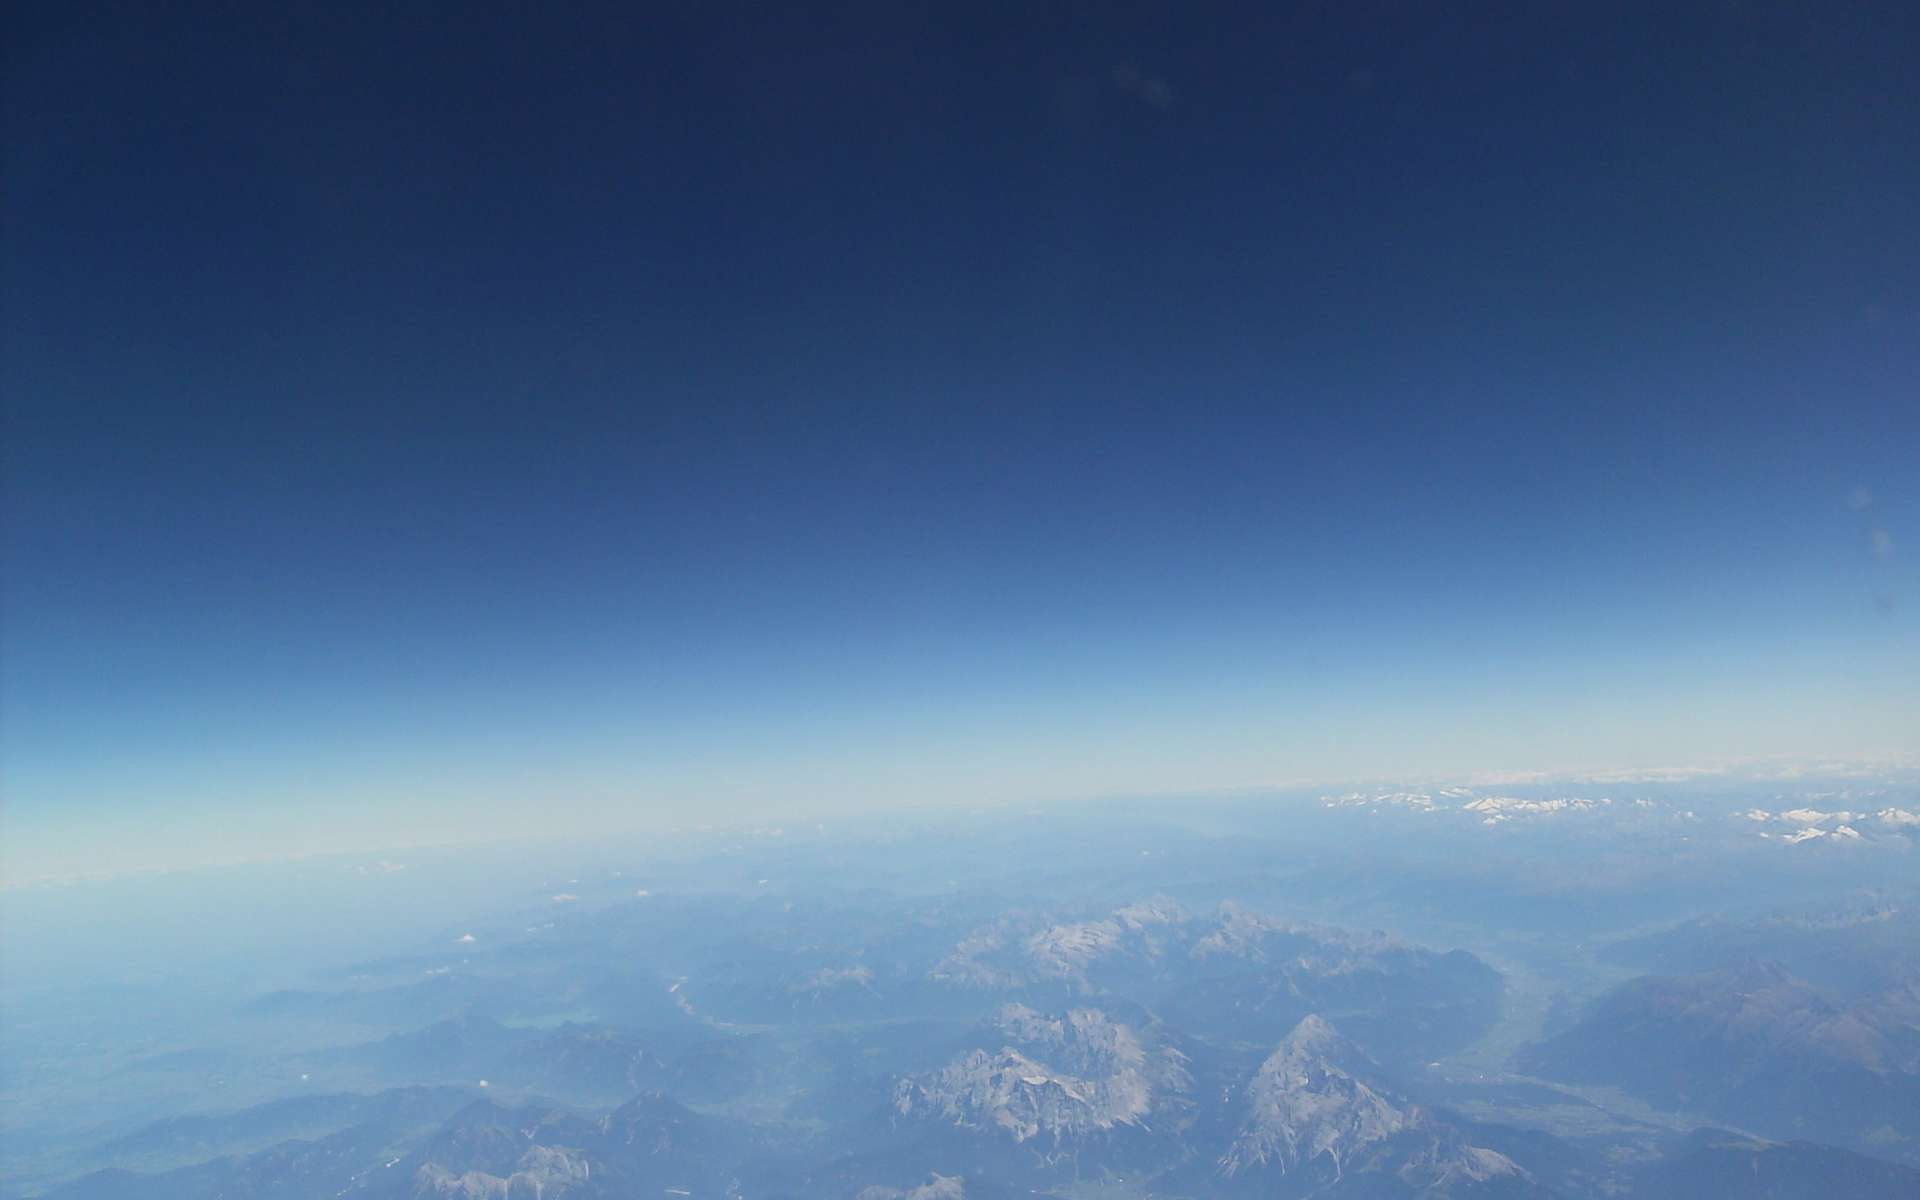 Le dioxygène que l'on trouve dans l'atmosphère terrestre est un corps simple dit moléculaire. © Sjoerd Los, Flickr, CC by-nc-nd 2.0